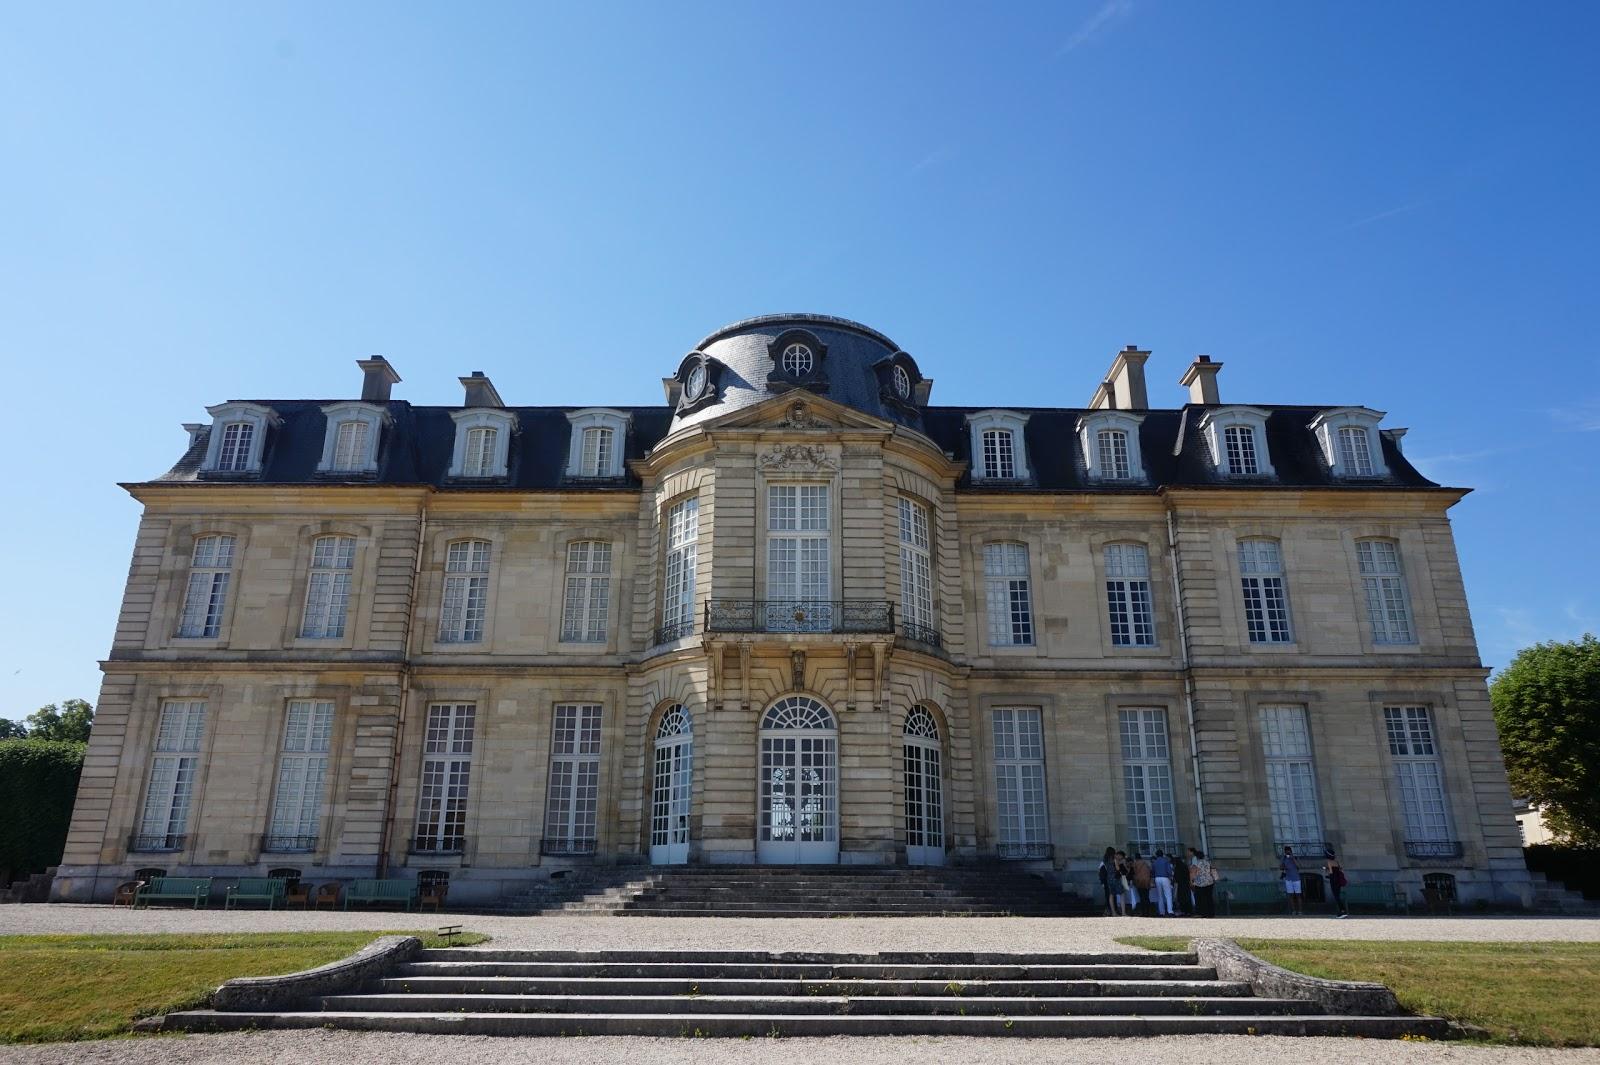 parisplacestovisit-blogger-paris-bestplacesinparis-monumentsinparis